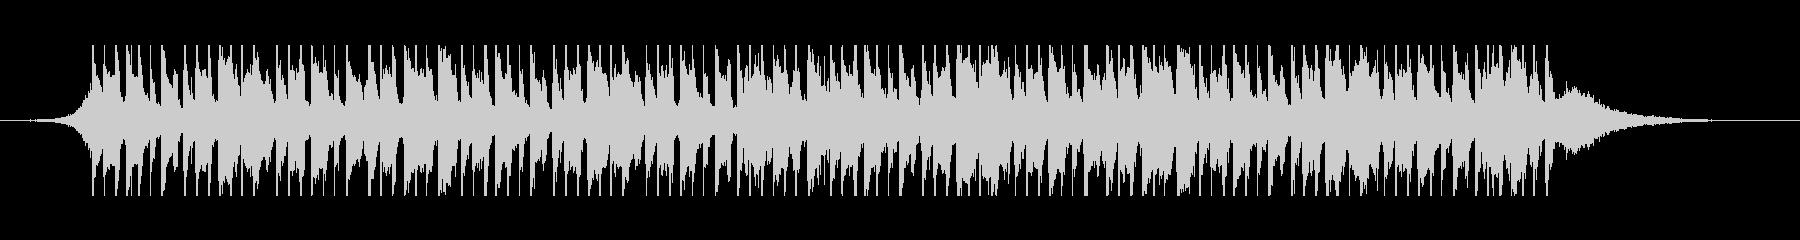 ベリーダンス(40秒)の未再生の波形